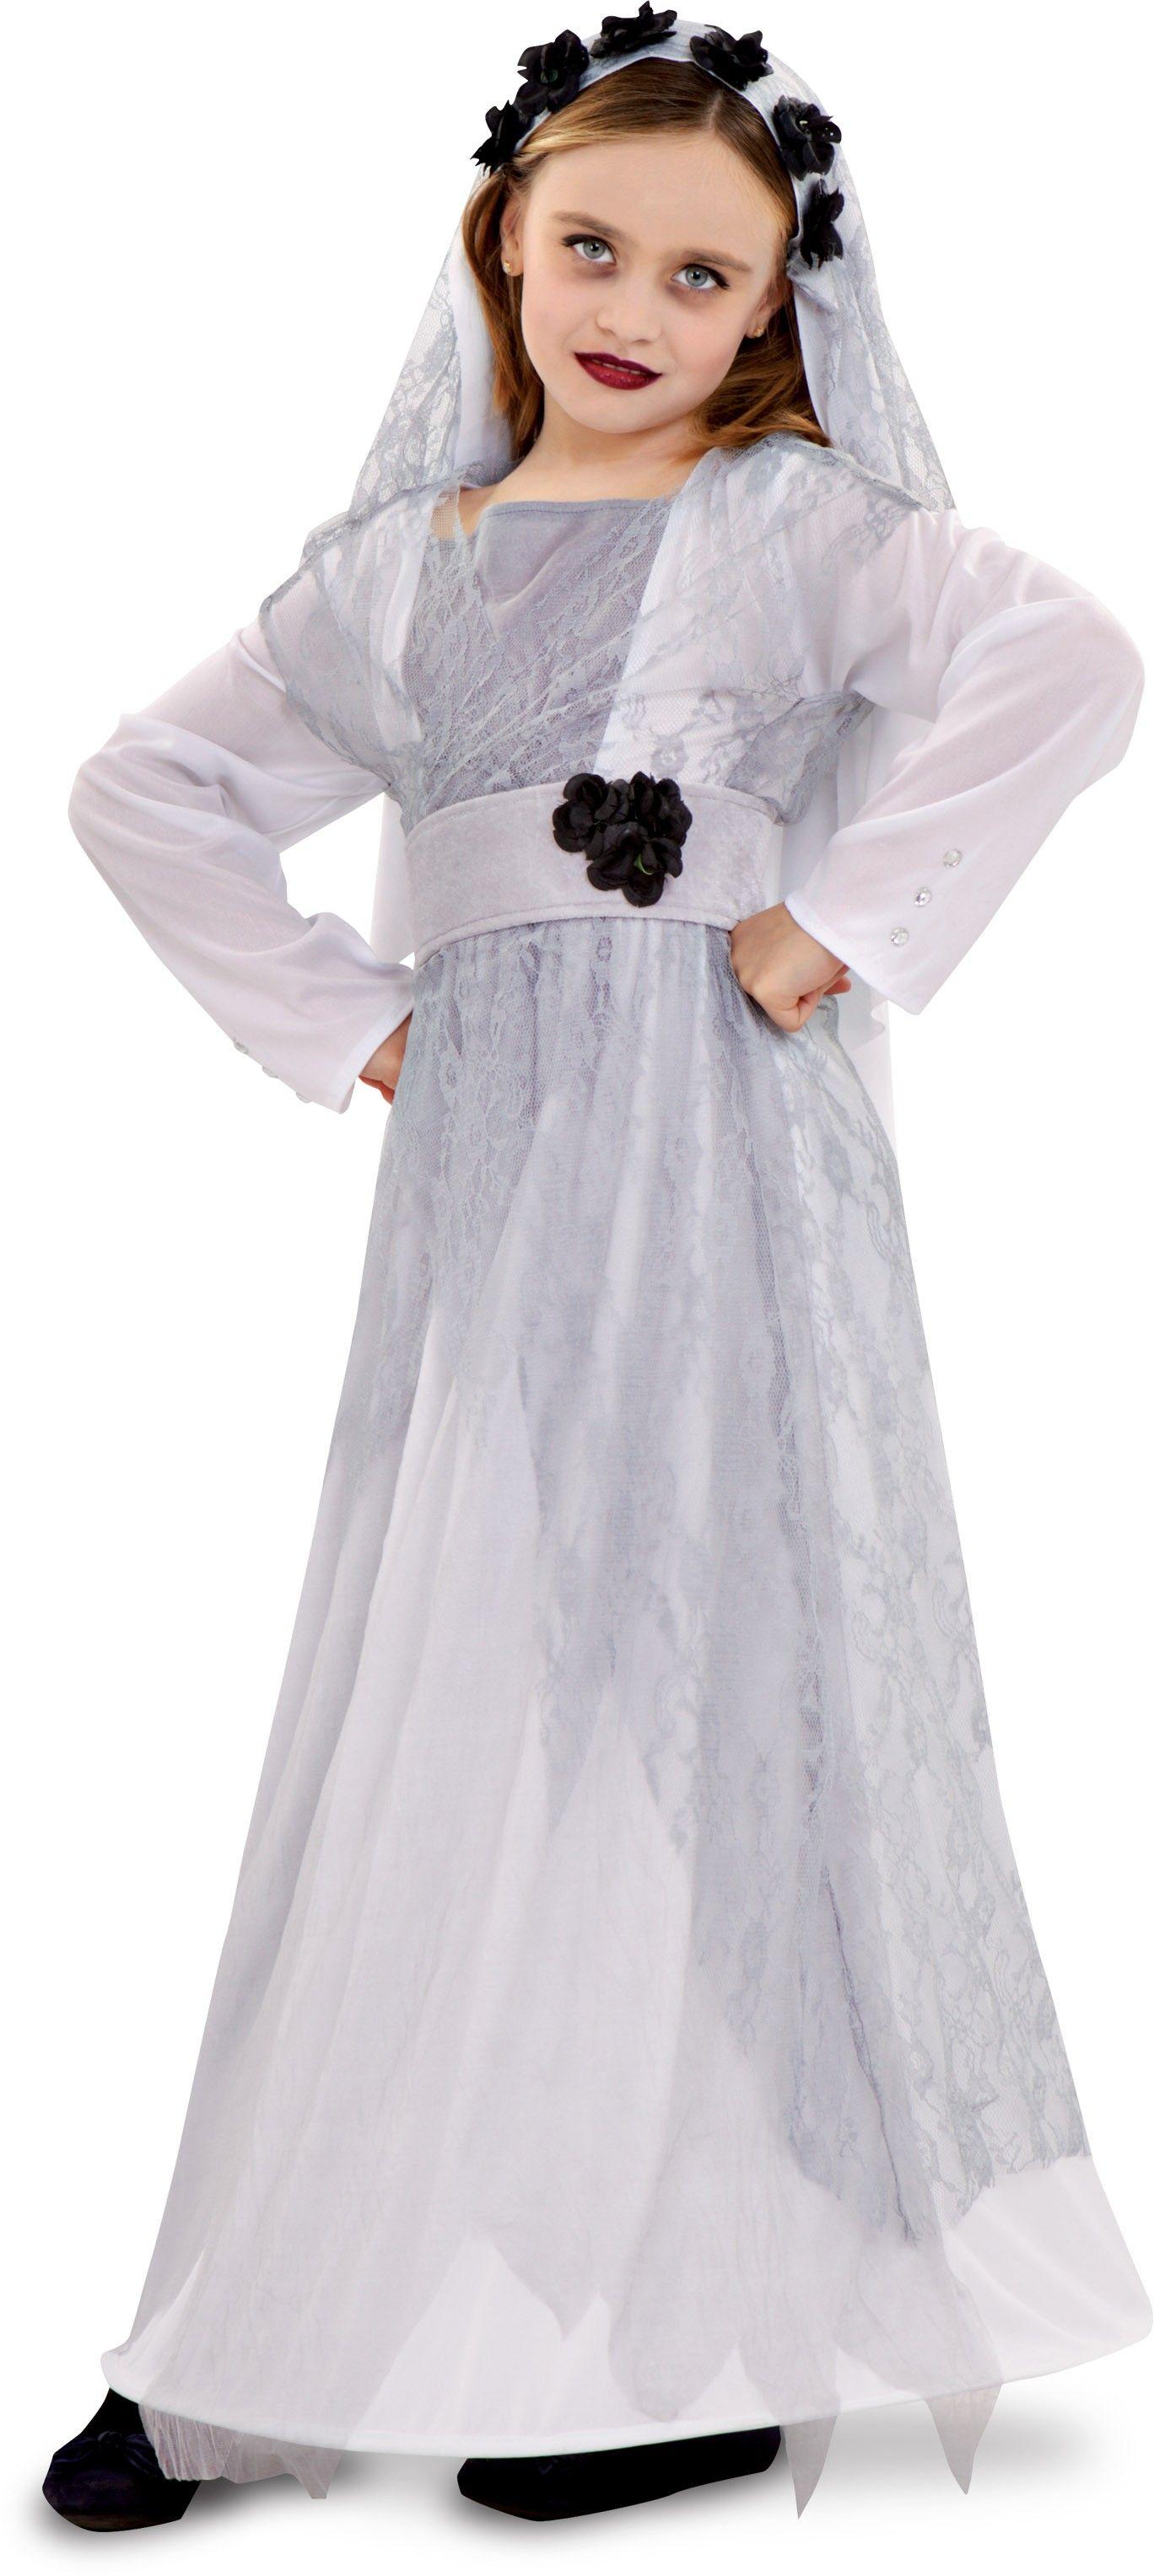 disfraces de diablos para nias disfraz de diablilla para nia disfraces infantiles para halloween tienda